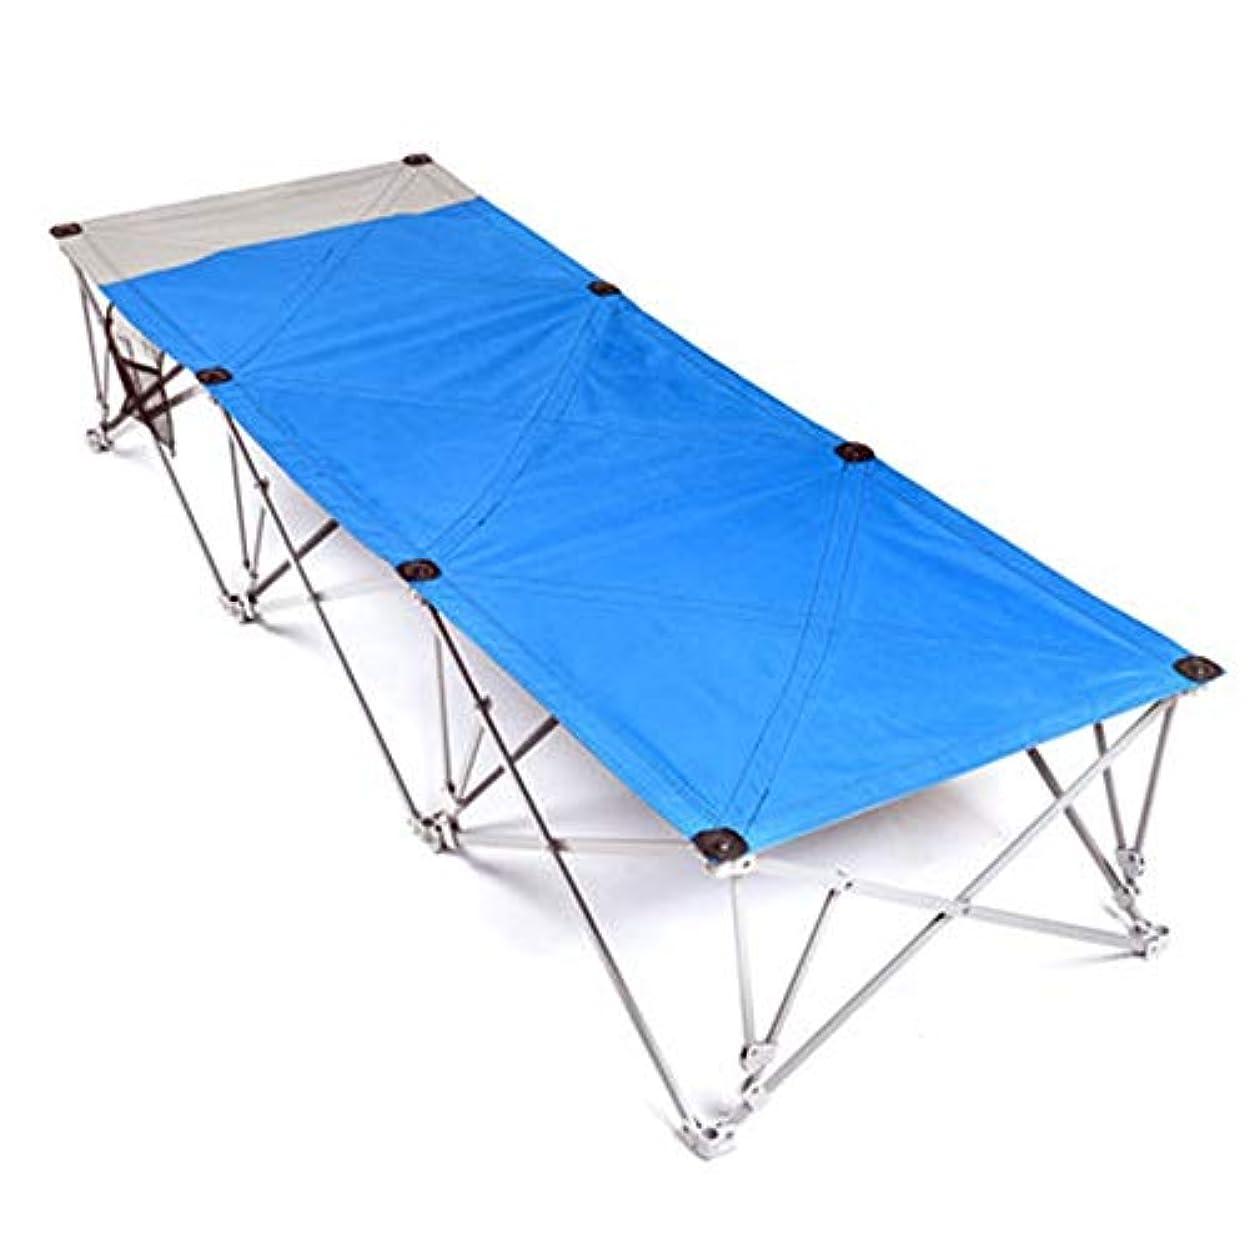 解読するピルホスト屋外キャンプレジャー折りたたみキャンプベッド強化耐久性のある仮眠ポータブルシングルベッド無地 (Color : Blue)